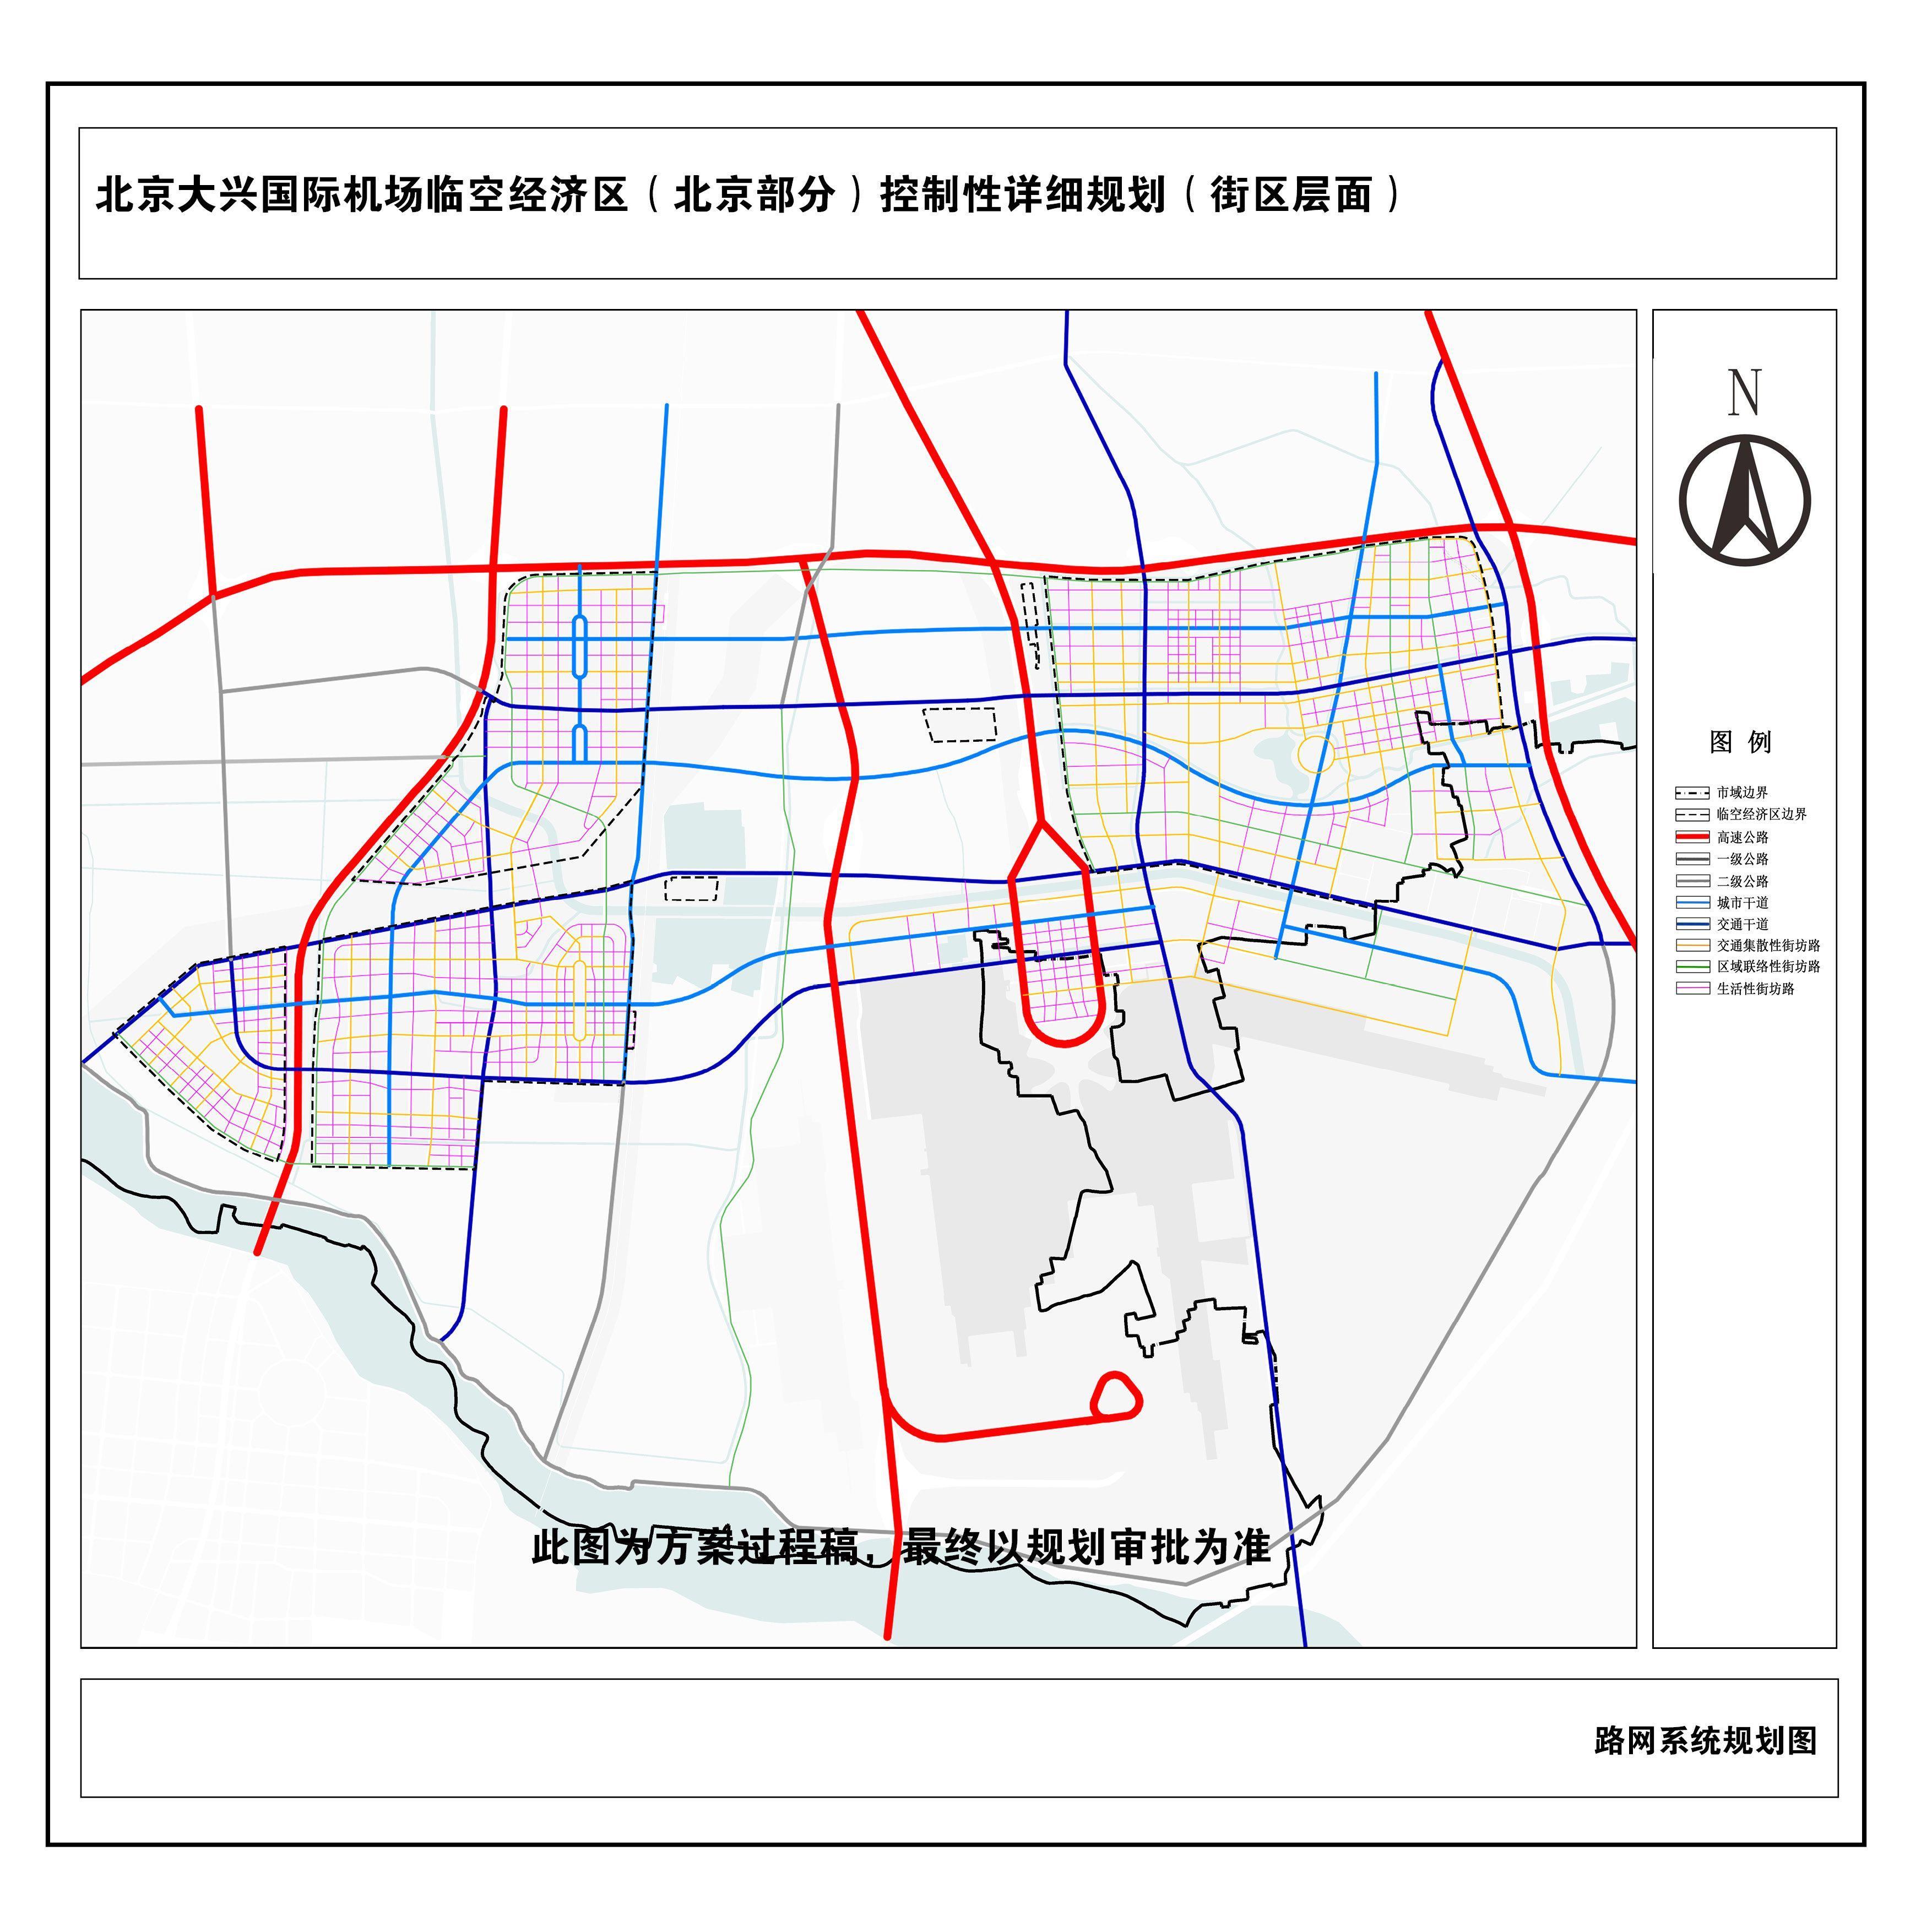 北京大兴区2020gdp_北京平均月薪都6906元了GDP还是没霸榜,数据揭秘2020年GDP哪家强